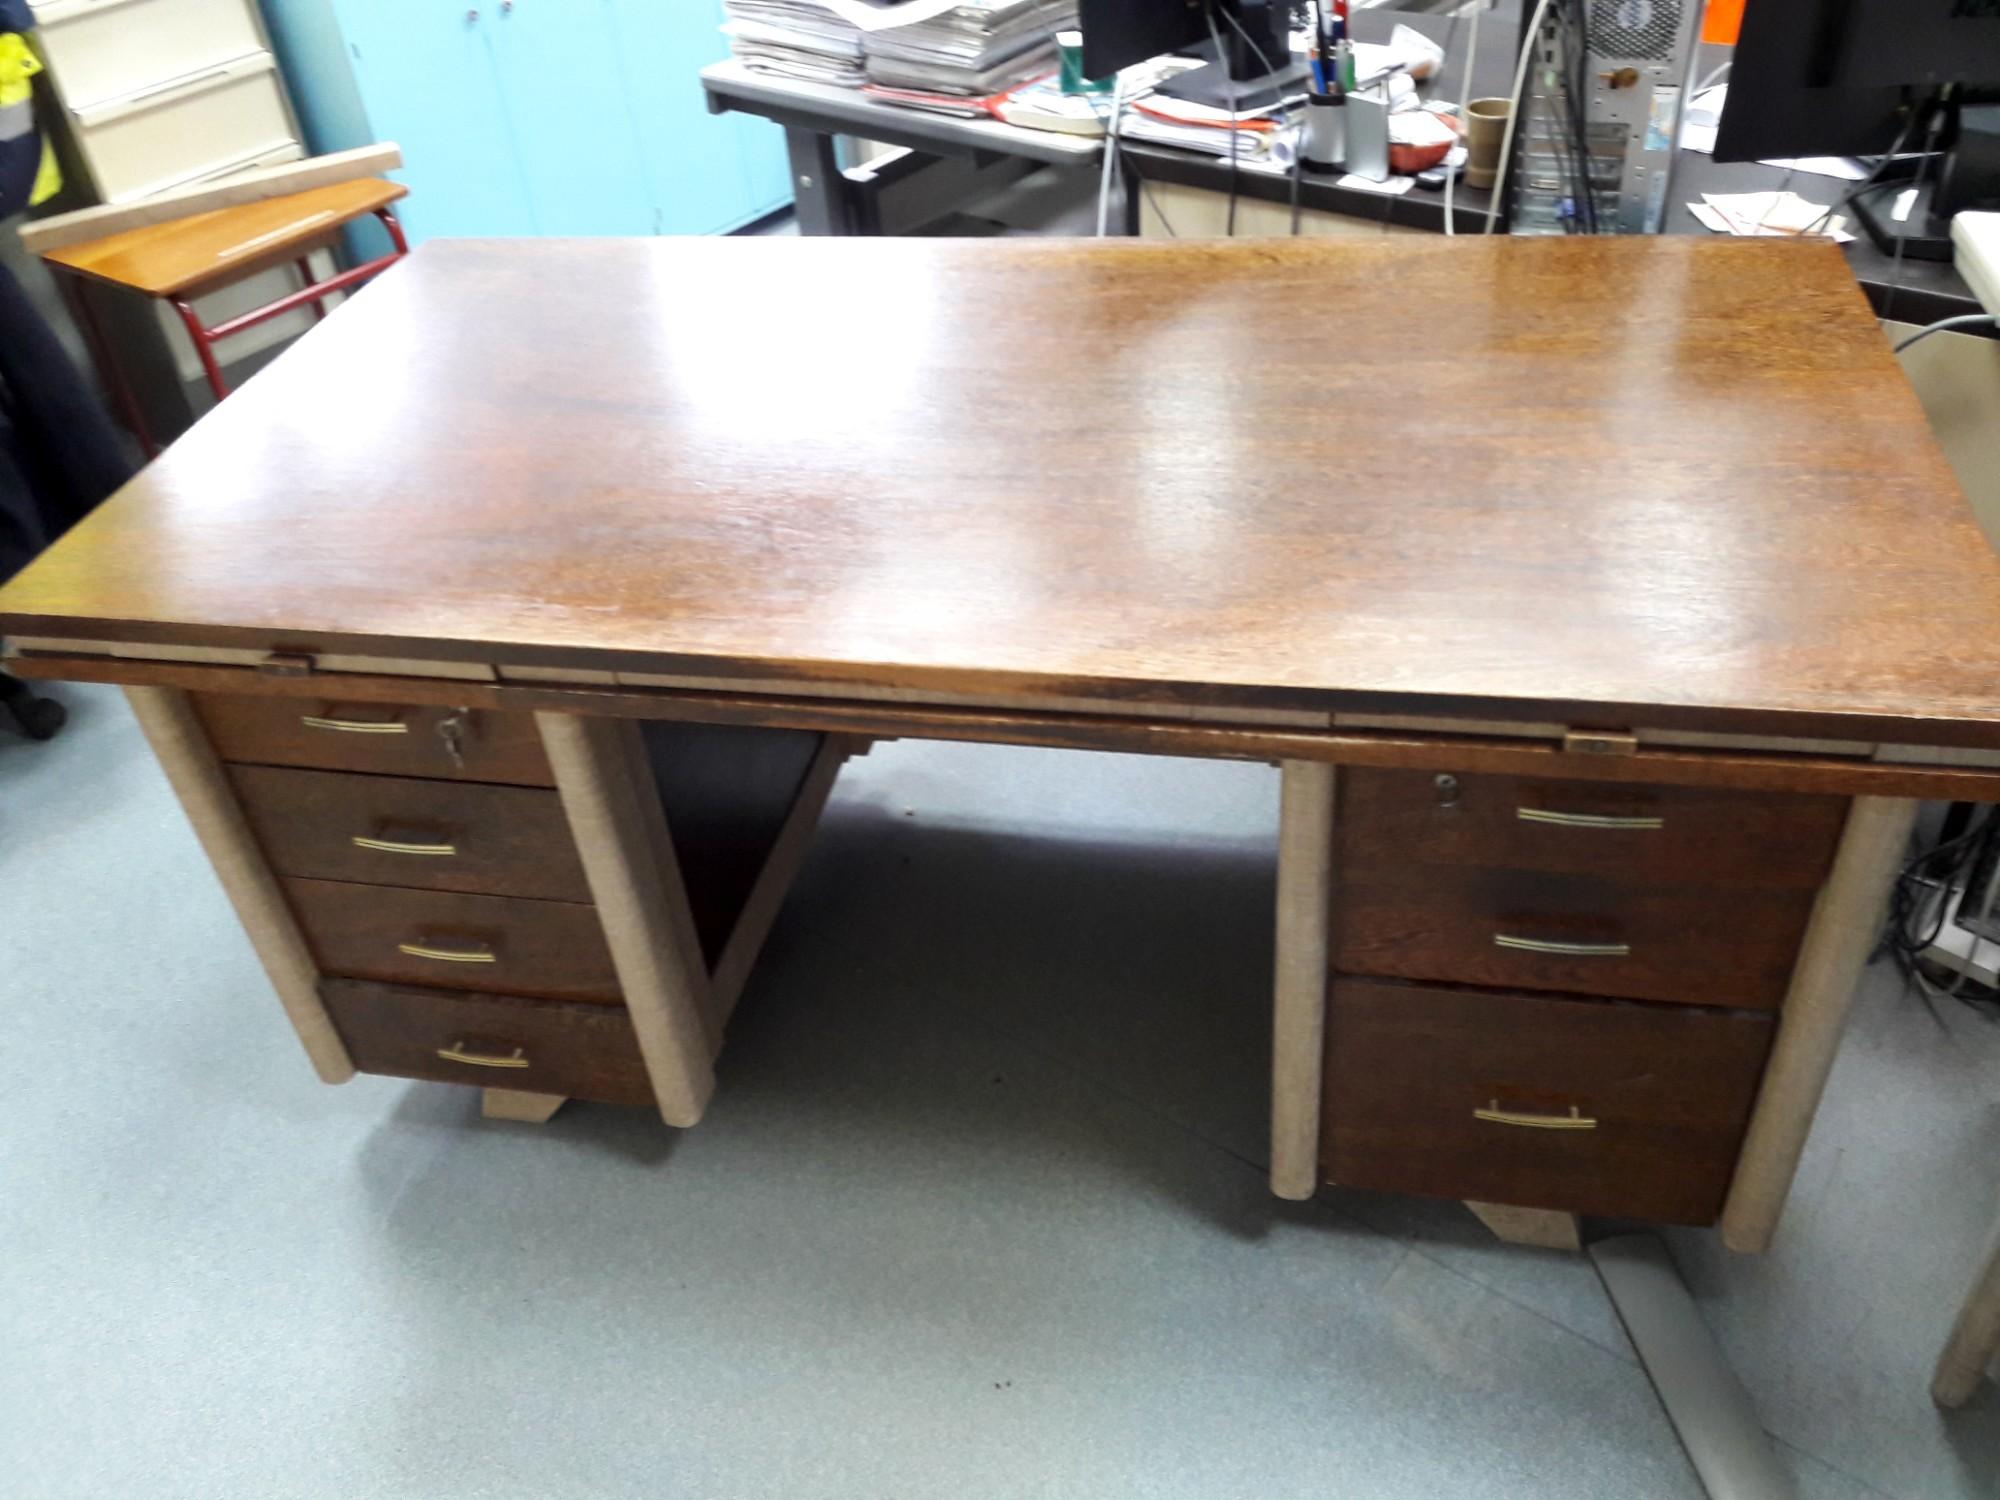 bureau et petite table assortie bureau d 39 occasion aux ench res agorastore. Black Bedroom Furniture Sets. Home Design Ideas